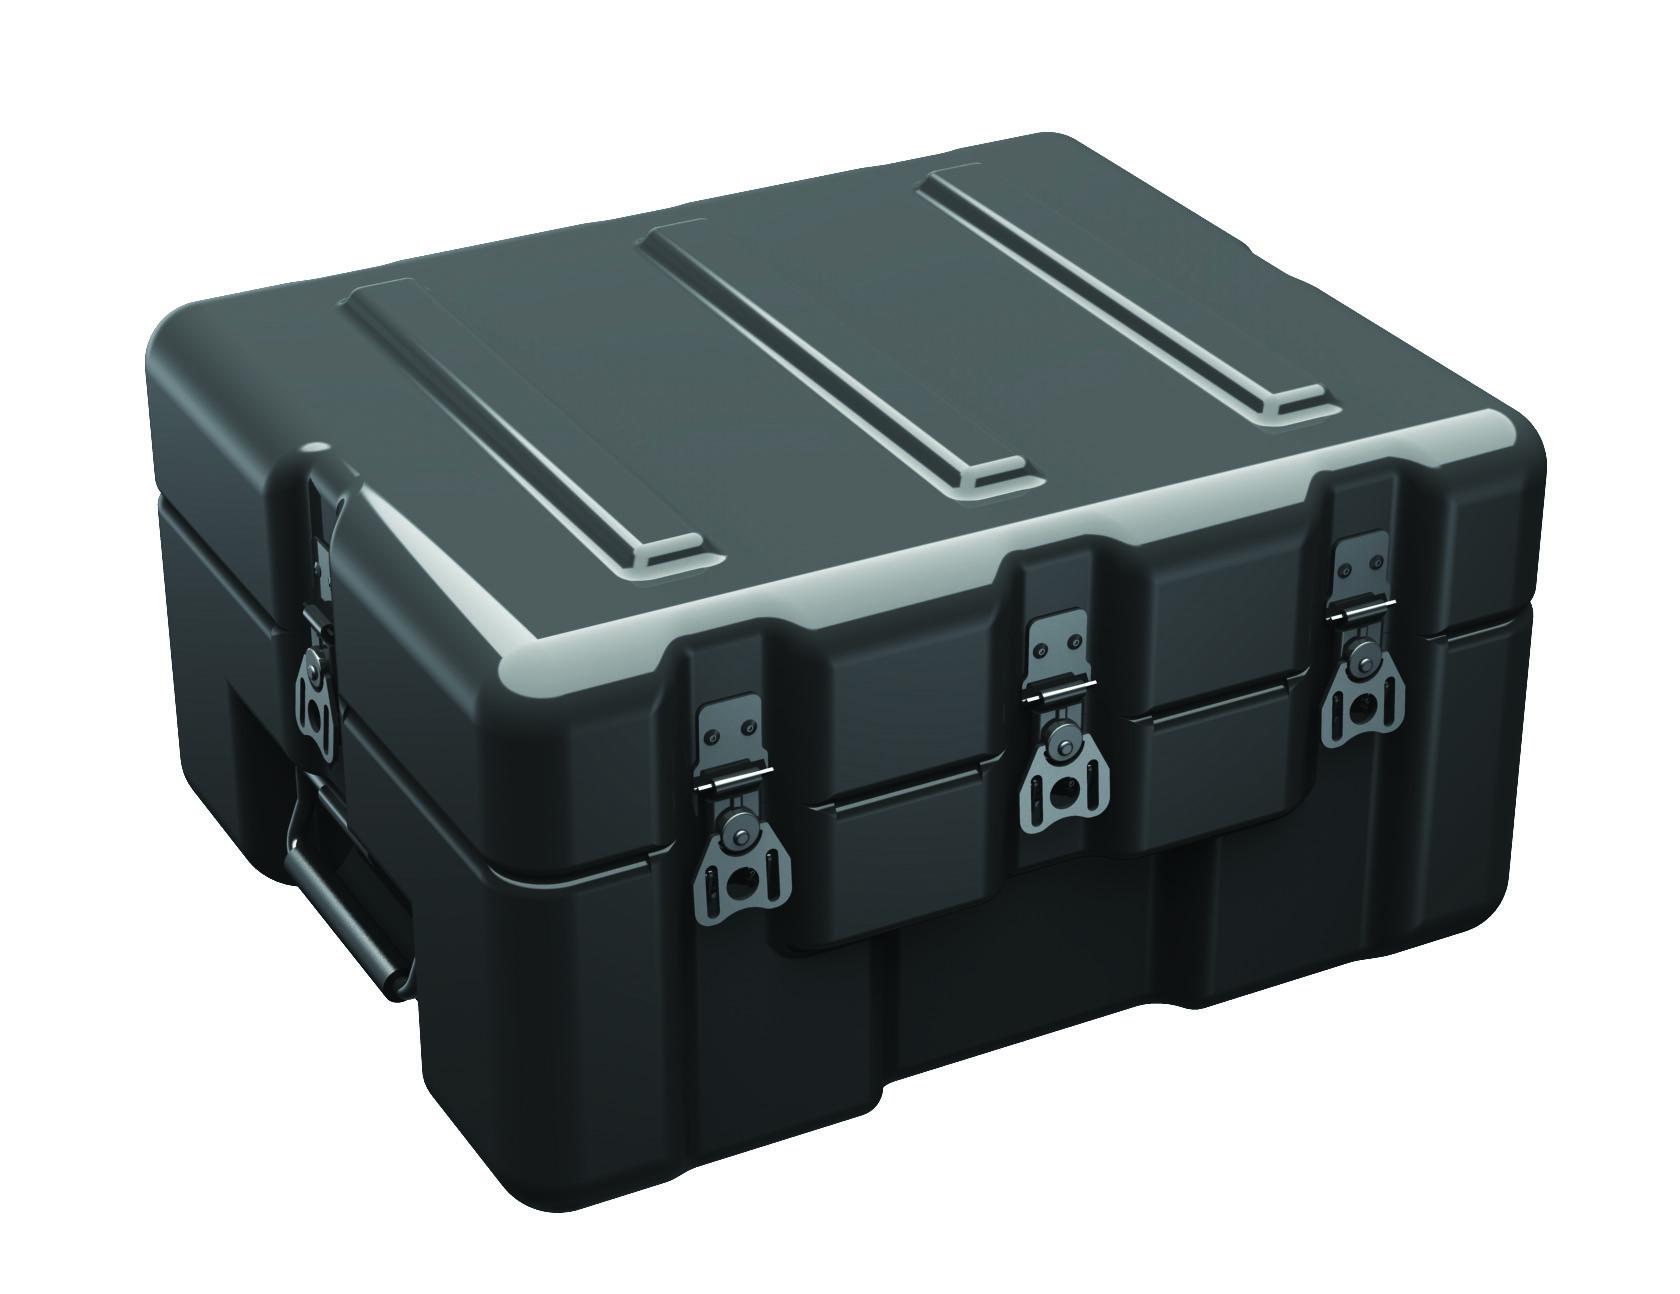 CL1412-0502 - CL1412-0502 ATA shipping cases Pelican